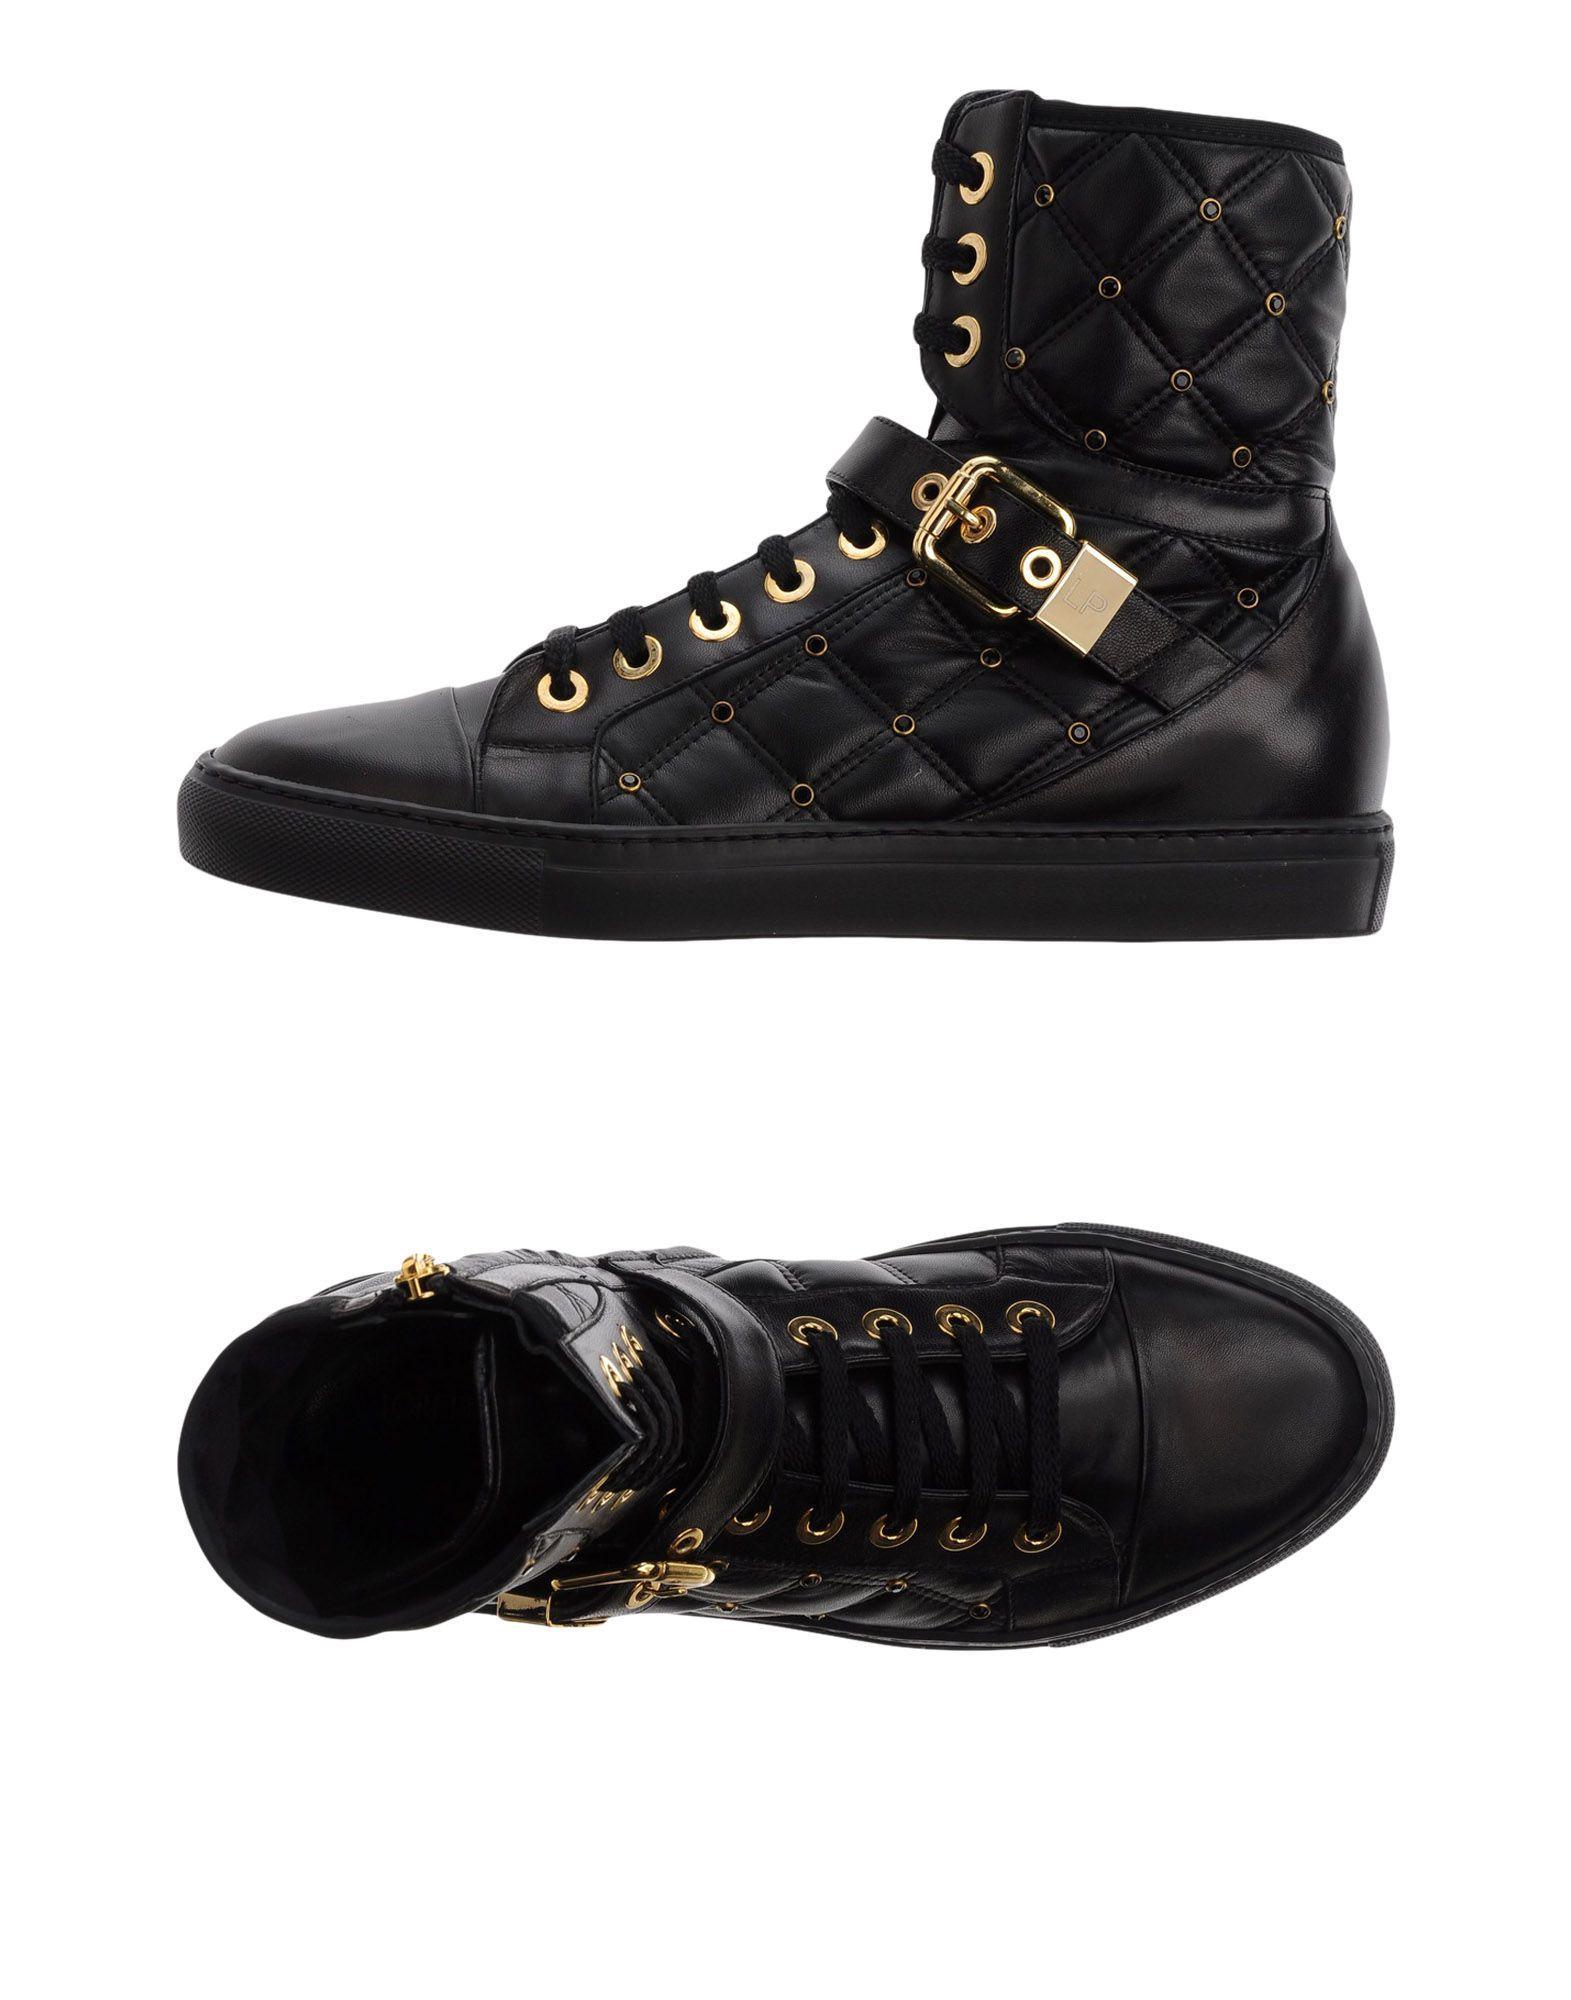 FOOTWEAR - High-tops & sneakers Loretta Pettinari aXbIoMH7